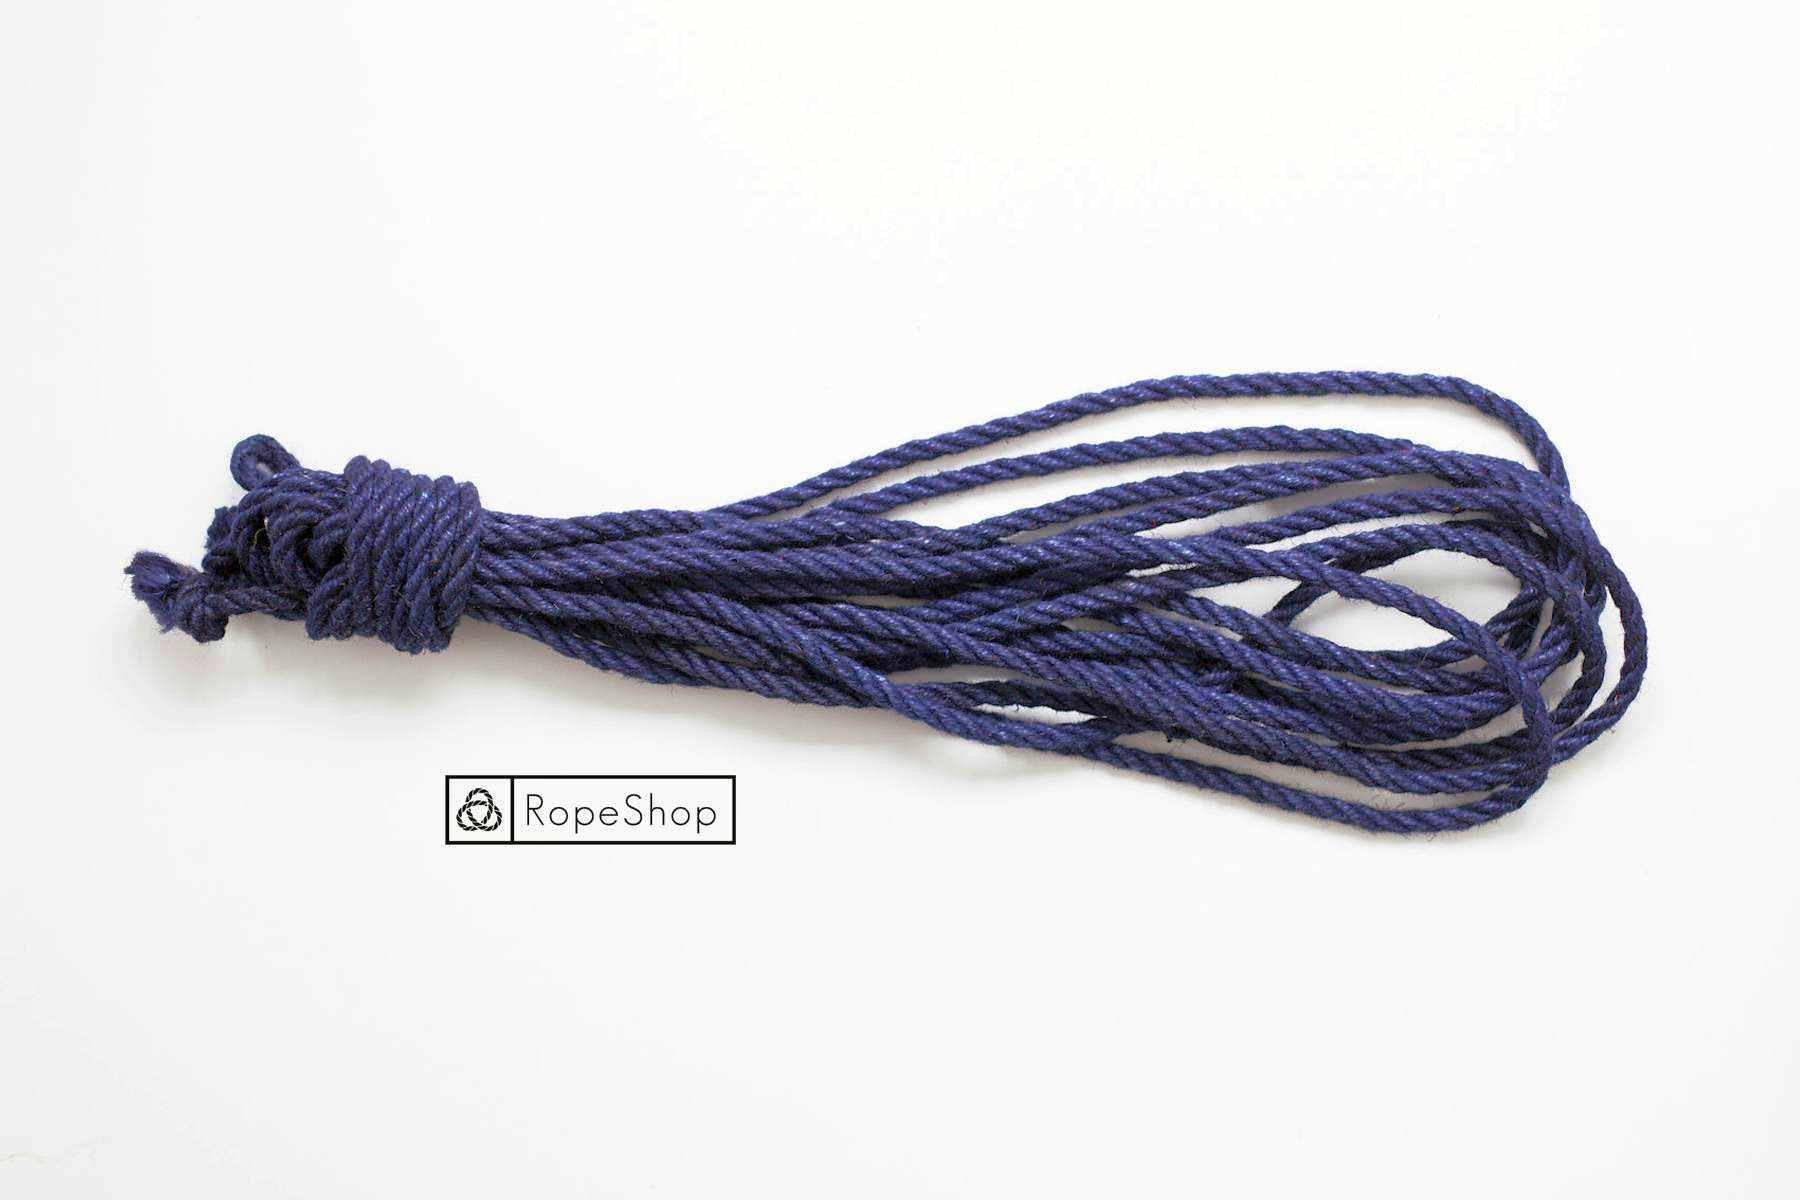 Веревка для шибари джутовая Korde (EU) обработанная, темно-синяя